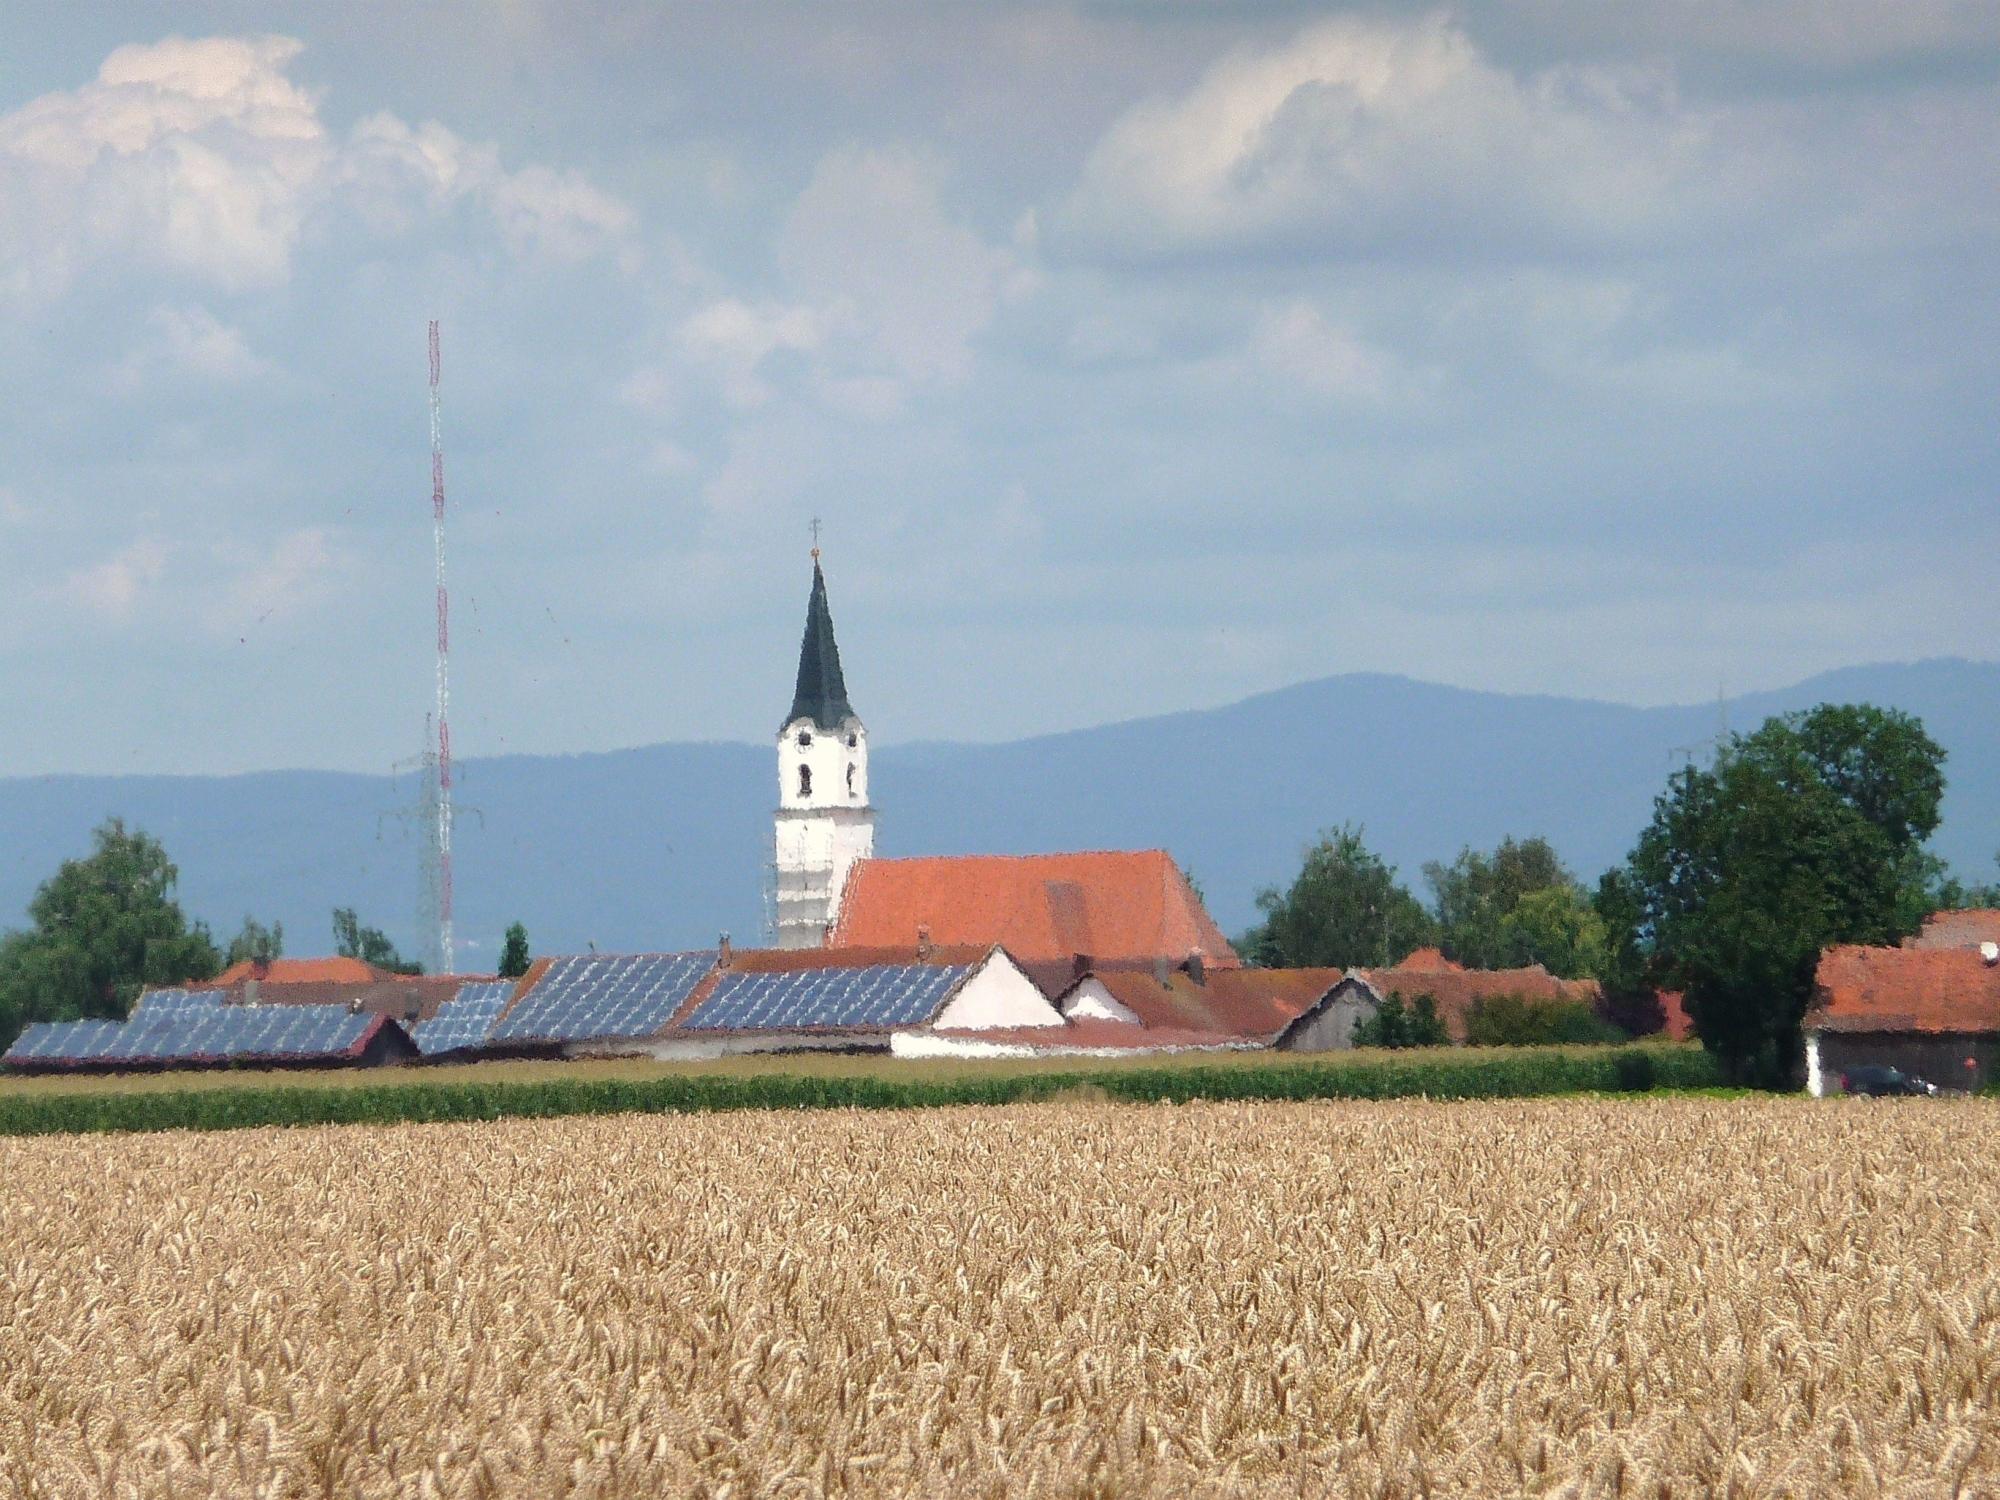 Kirchdorf Osterhofen